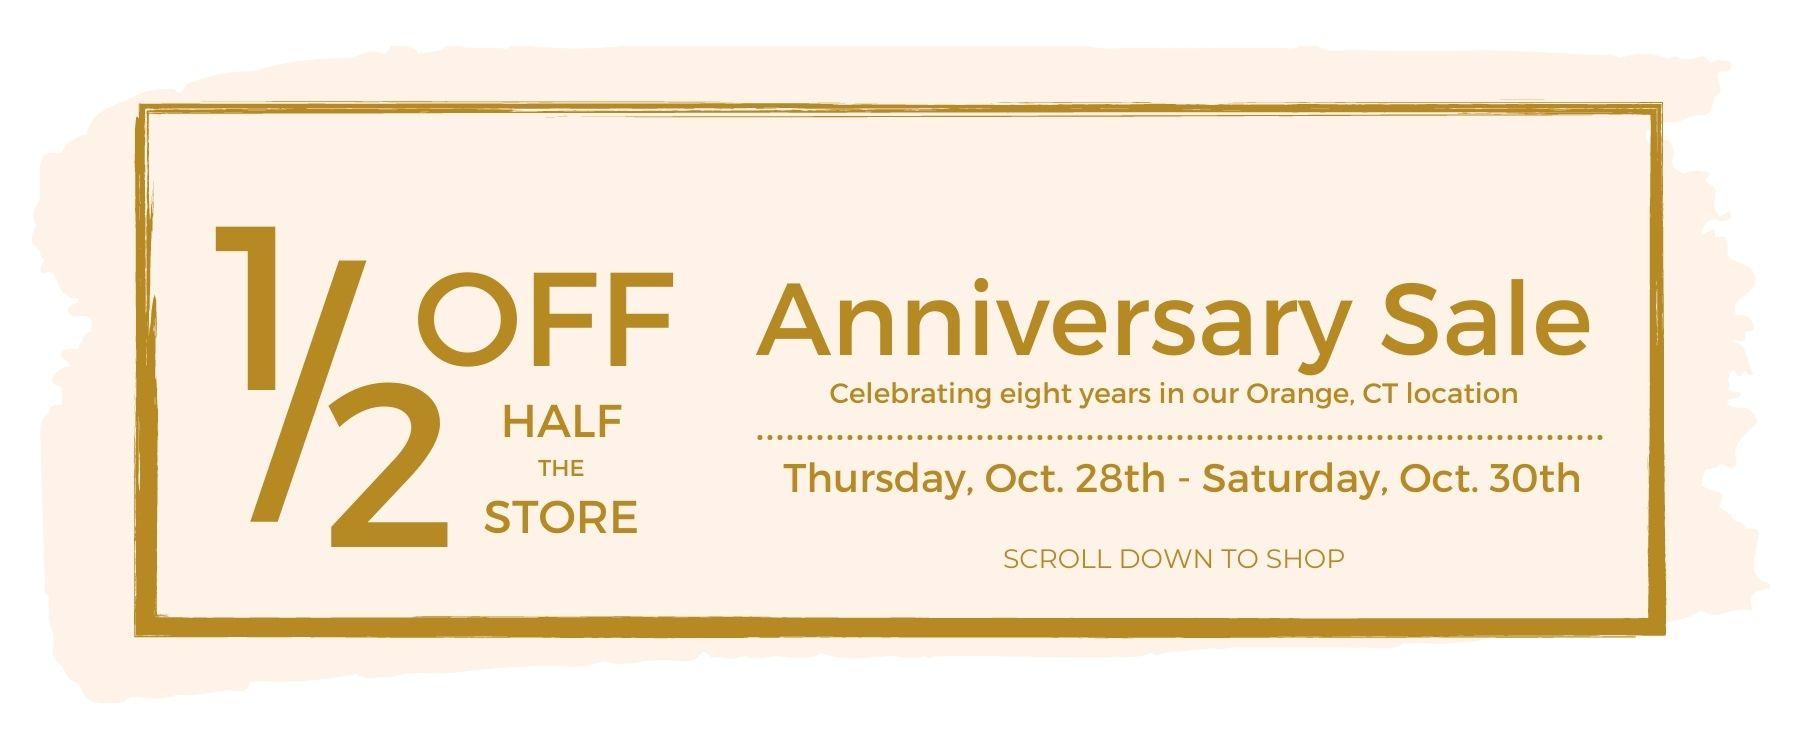 Cellini Design Jewelers Annual Half Off Half The Store Anniversary Sale.